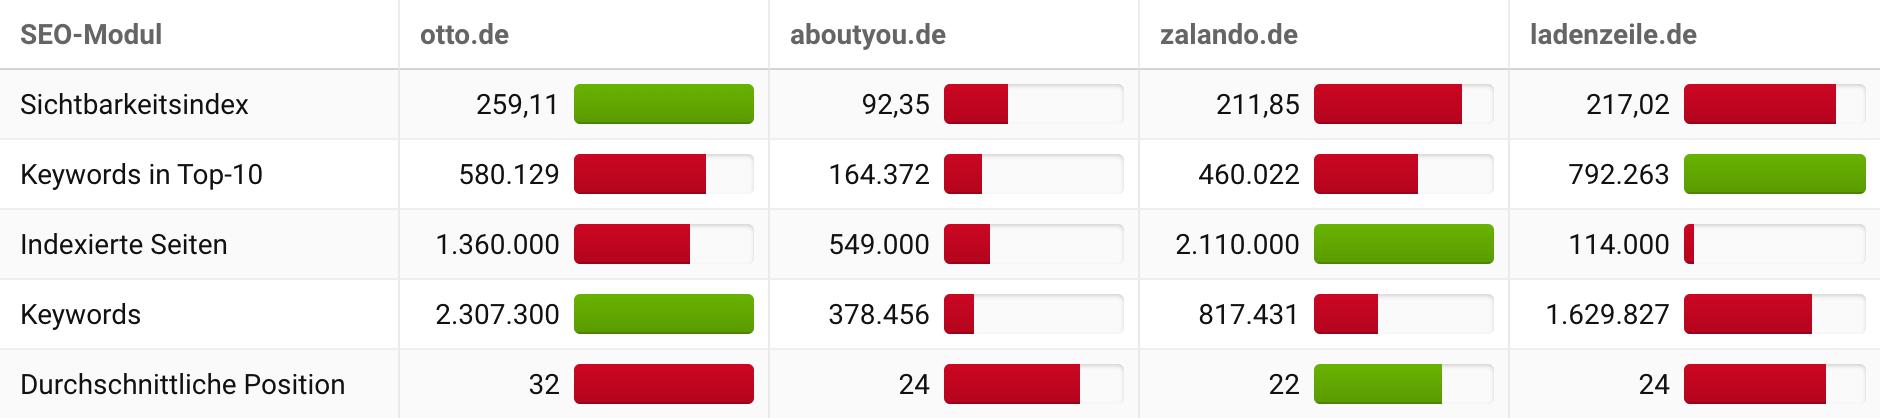 Ansicht der SEO-Modul Daten der Wettbewerbsvergleich-Ansicht in der SISTRIX Toolbox für vier Domains.